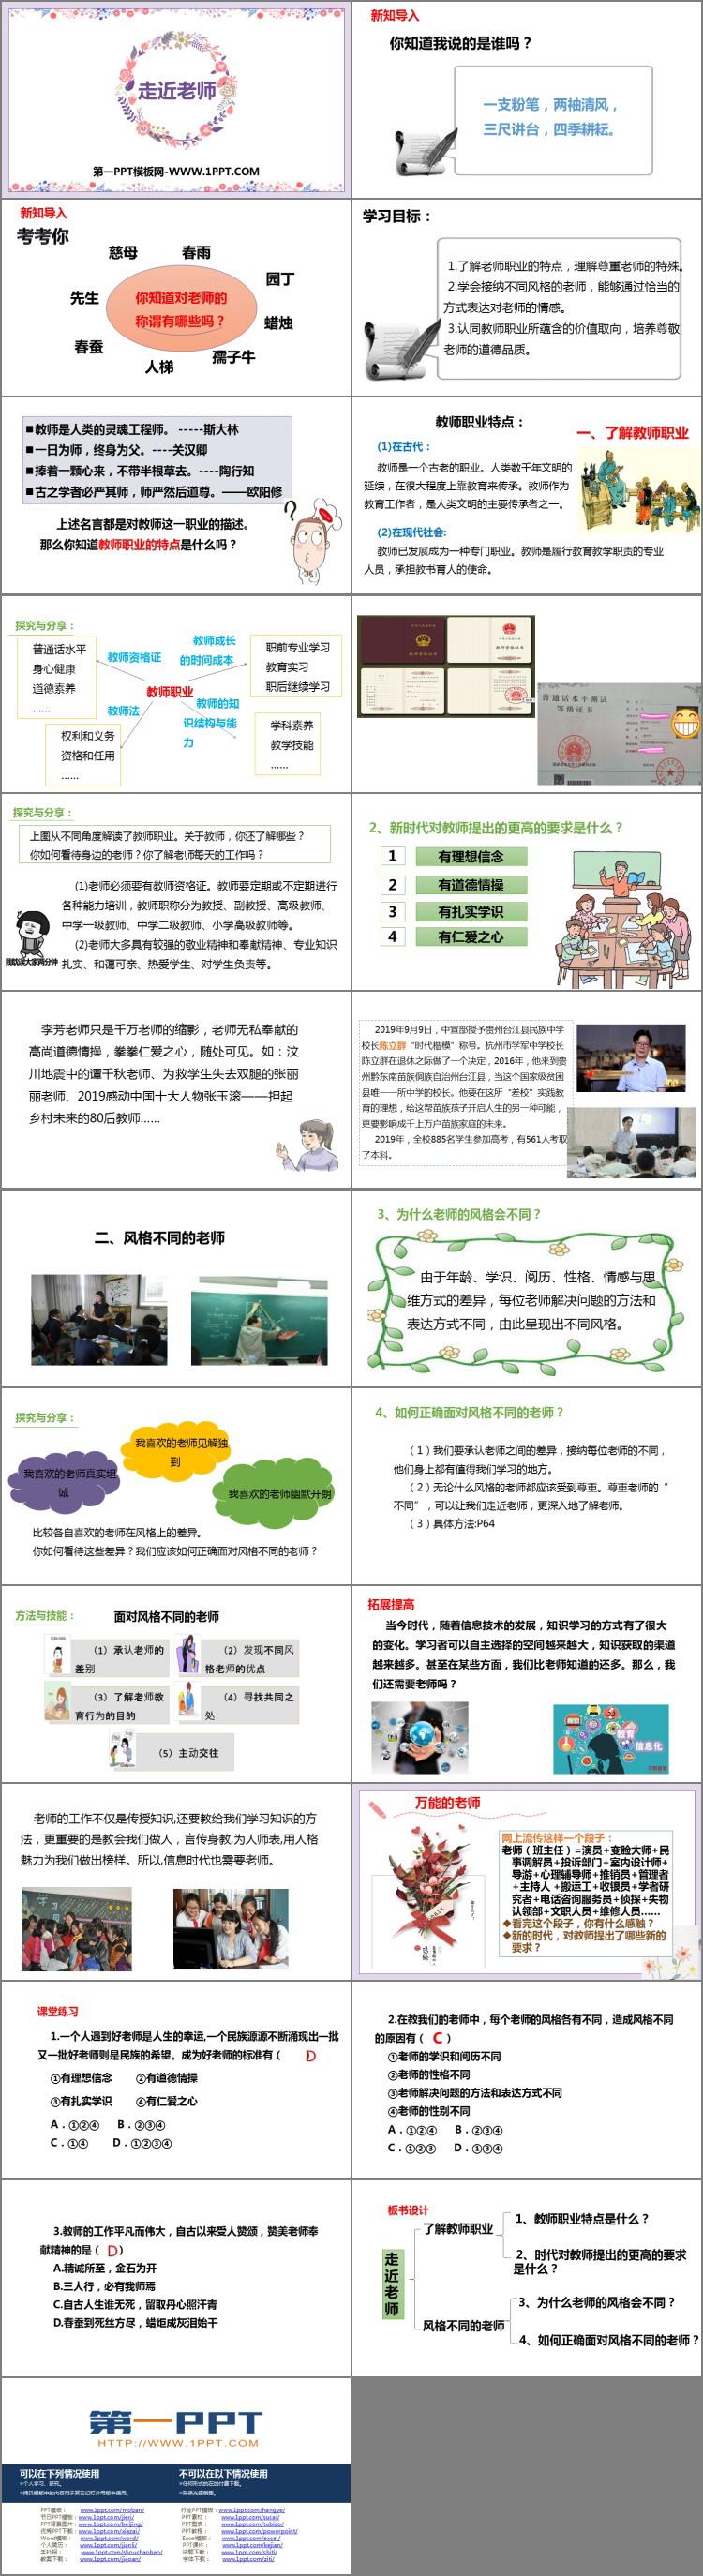 《走近老师》PPT精品课件91国产福利实拍在线观看